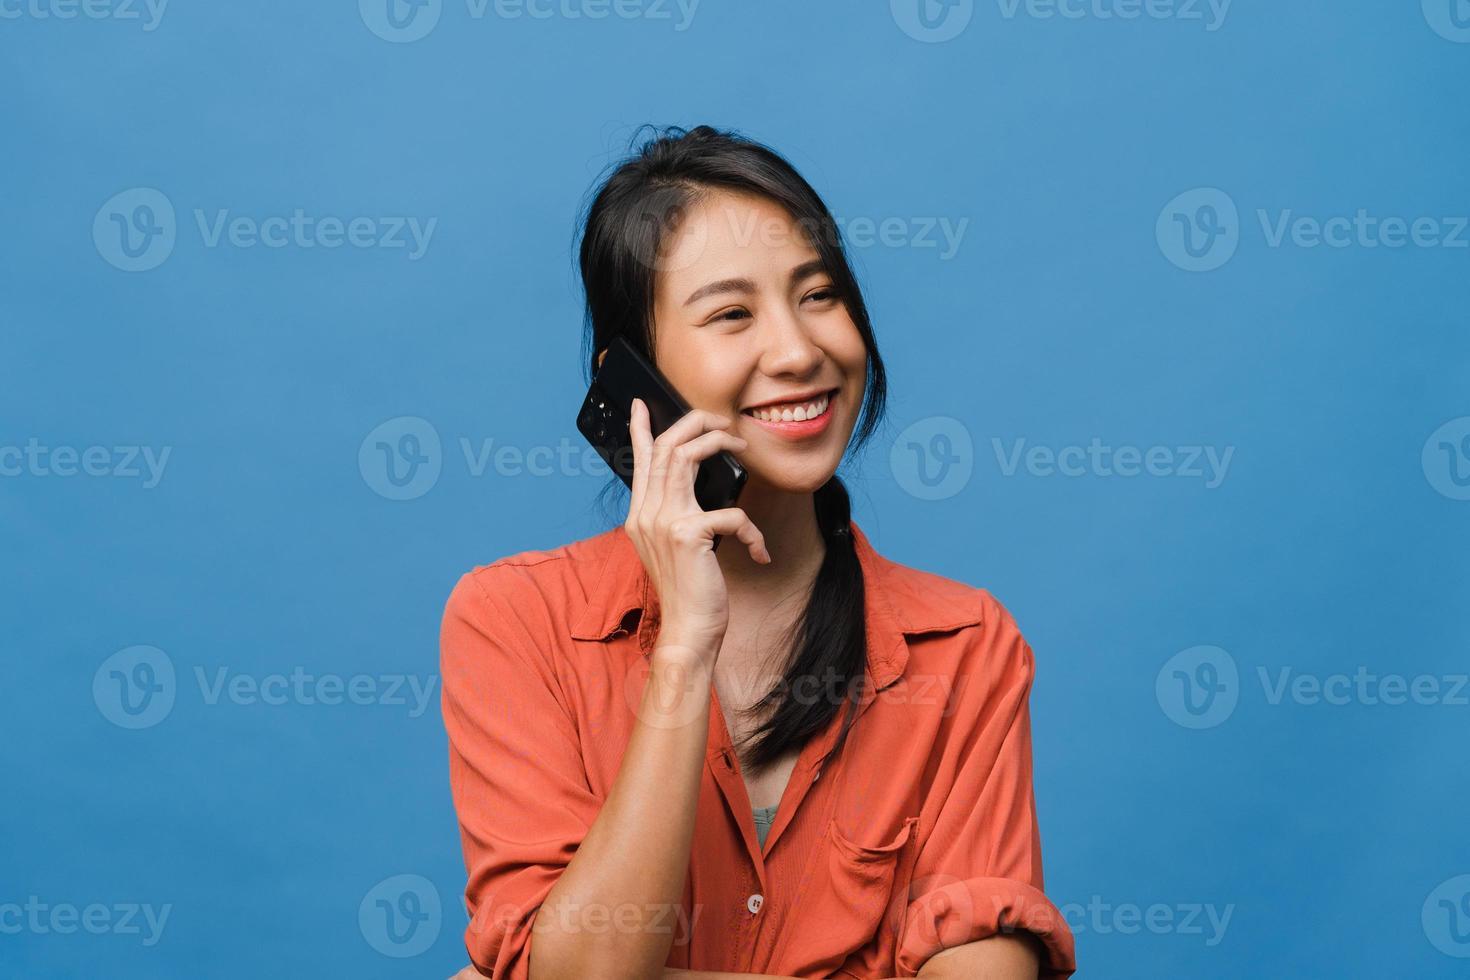 ung asiatisk dam pratar i telefon med positivt uttryck, ler brett, klädd i vardagskläder som känner lycka och står isolerad på blå bakgrund. glad förtjusande glad kvinna jublar över framgång. foto